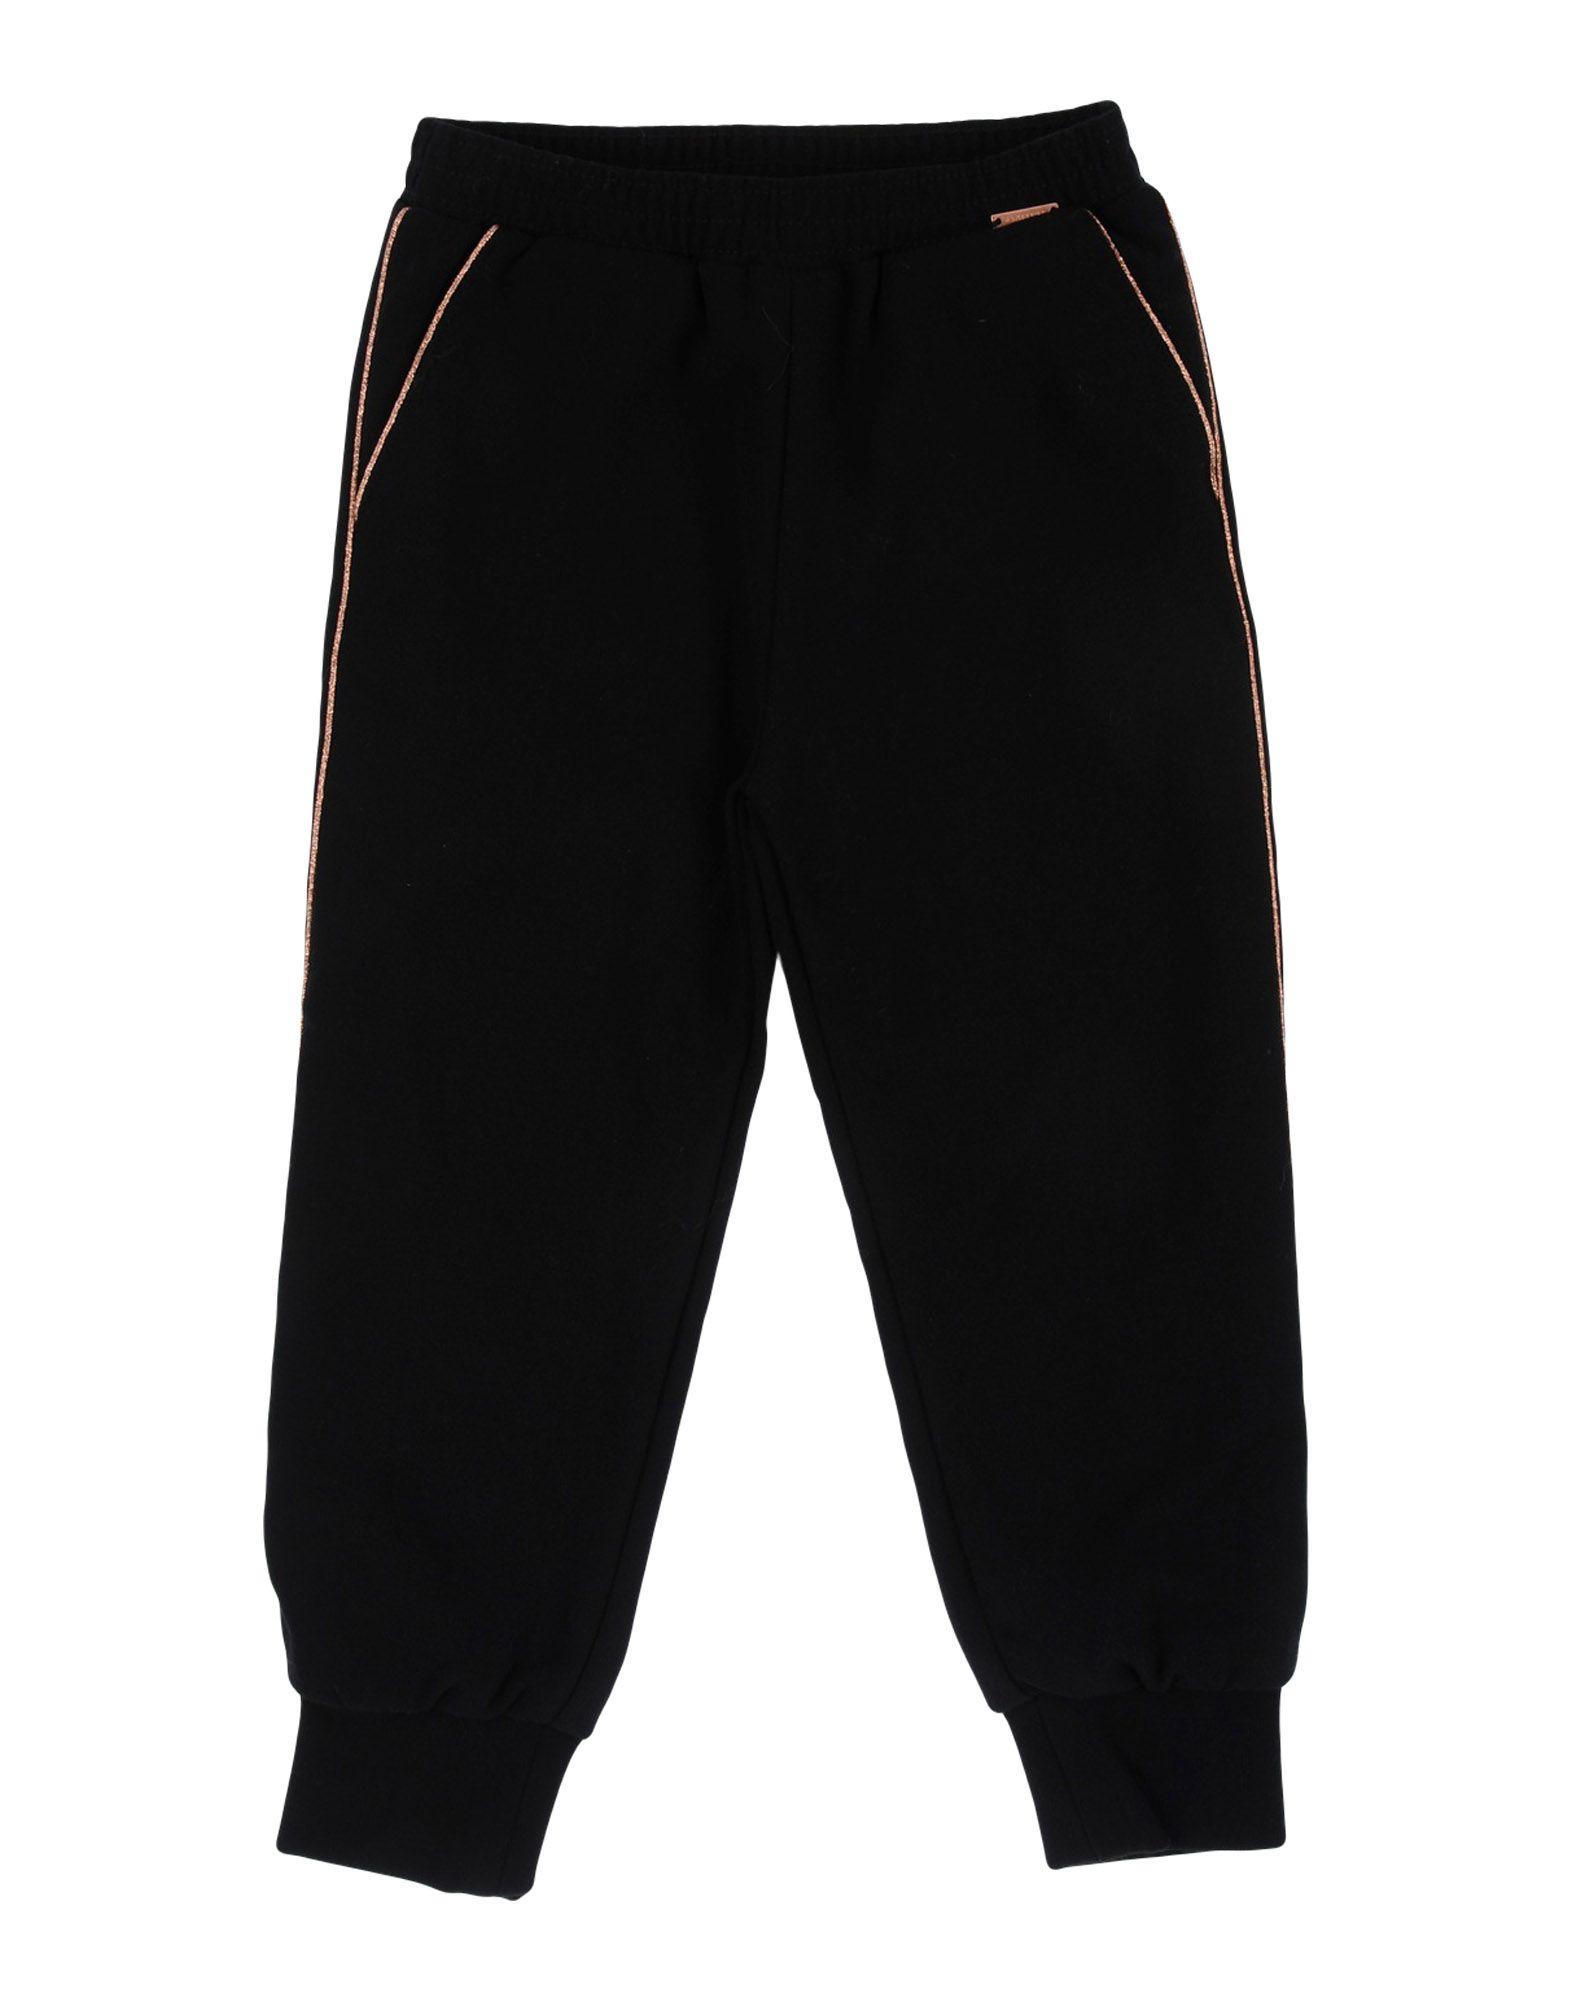 JUNIOR GAULTIER Casual Pants in Black